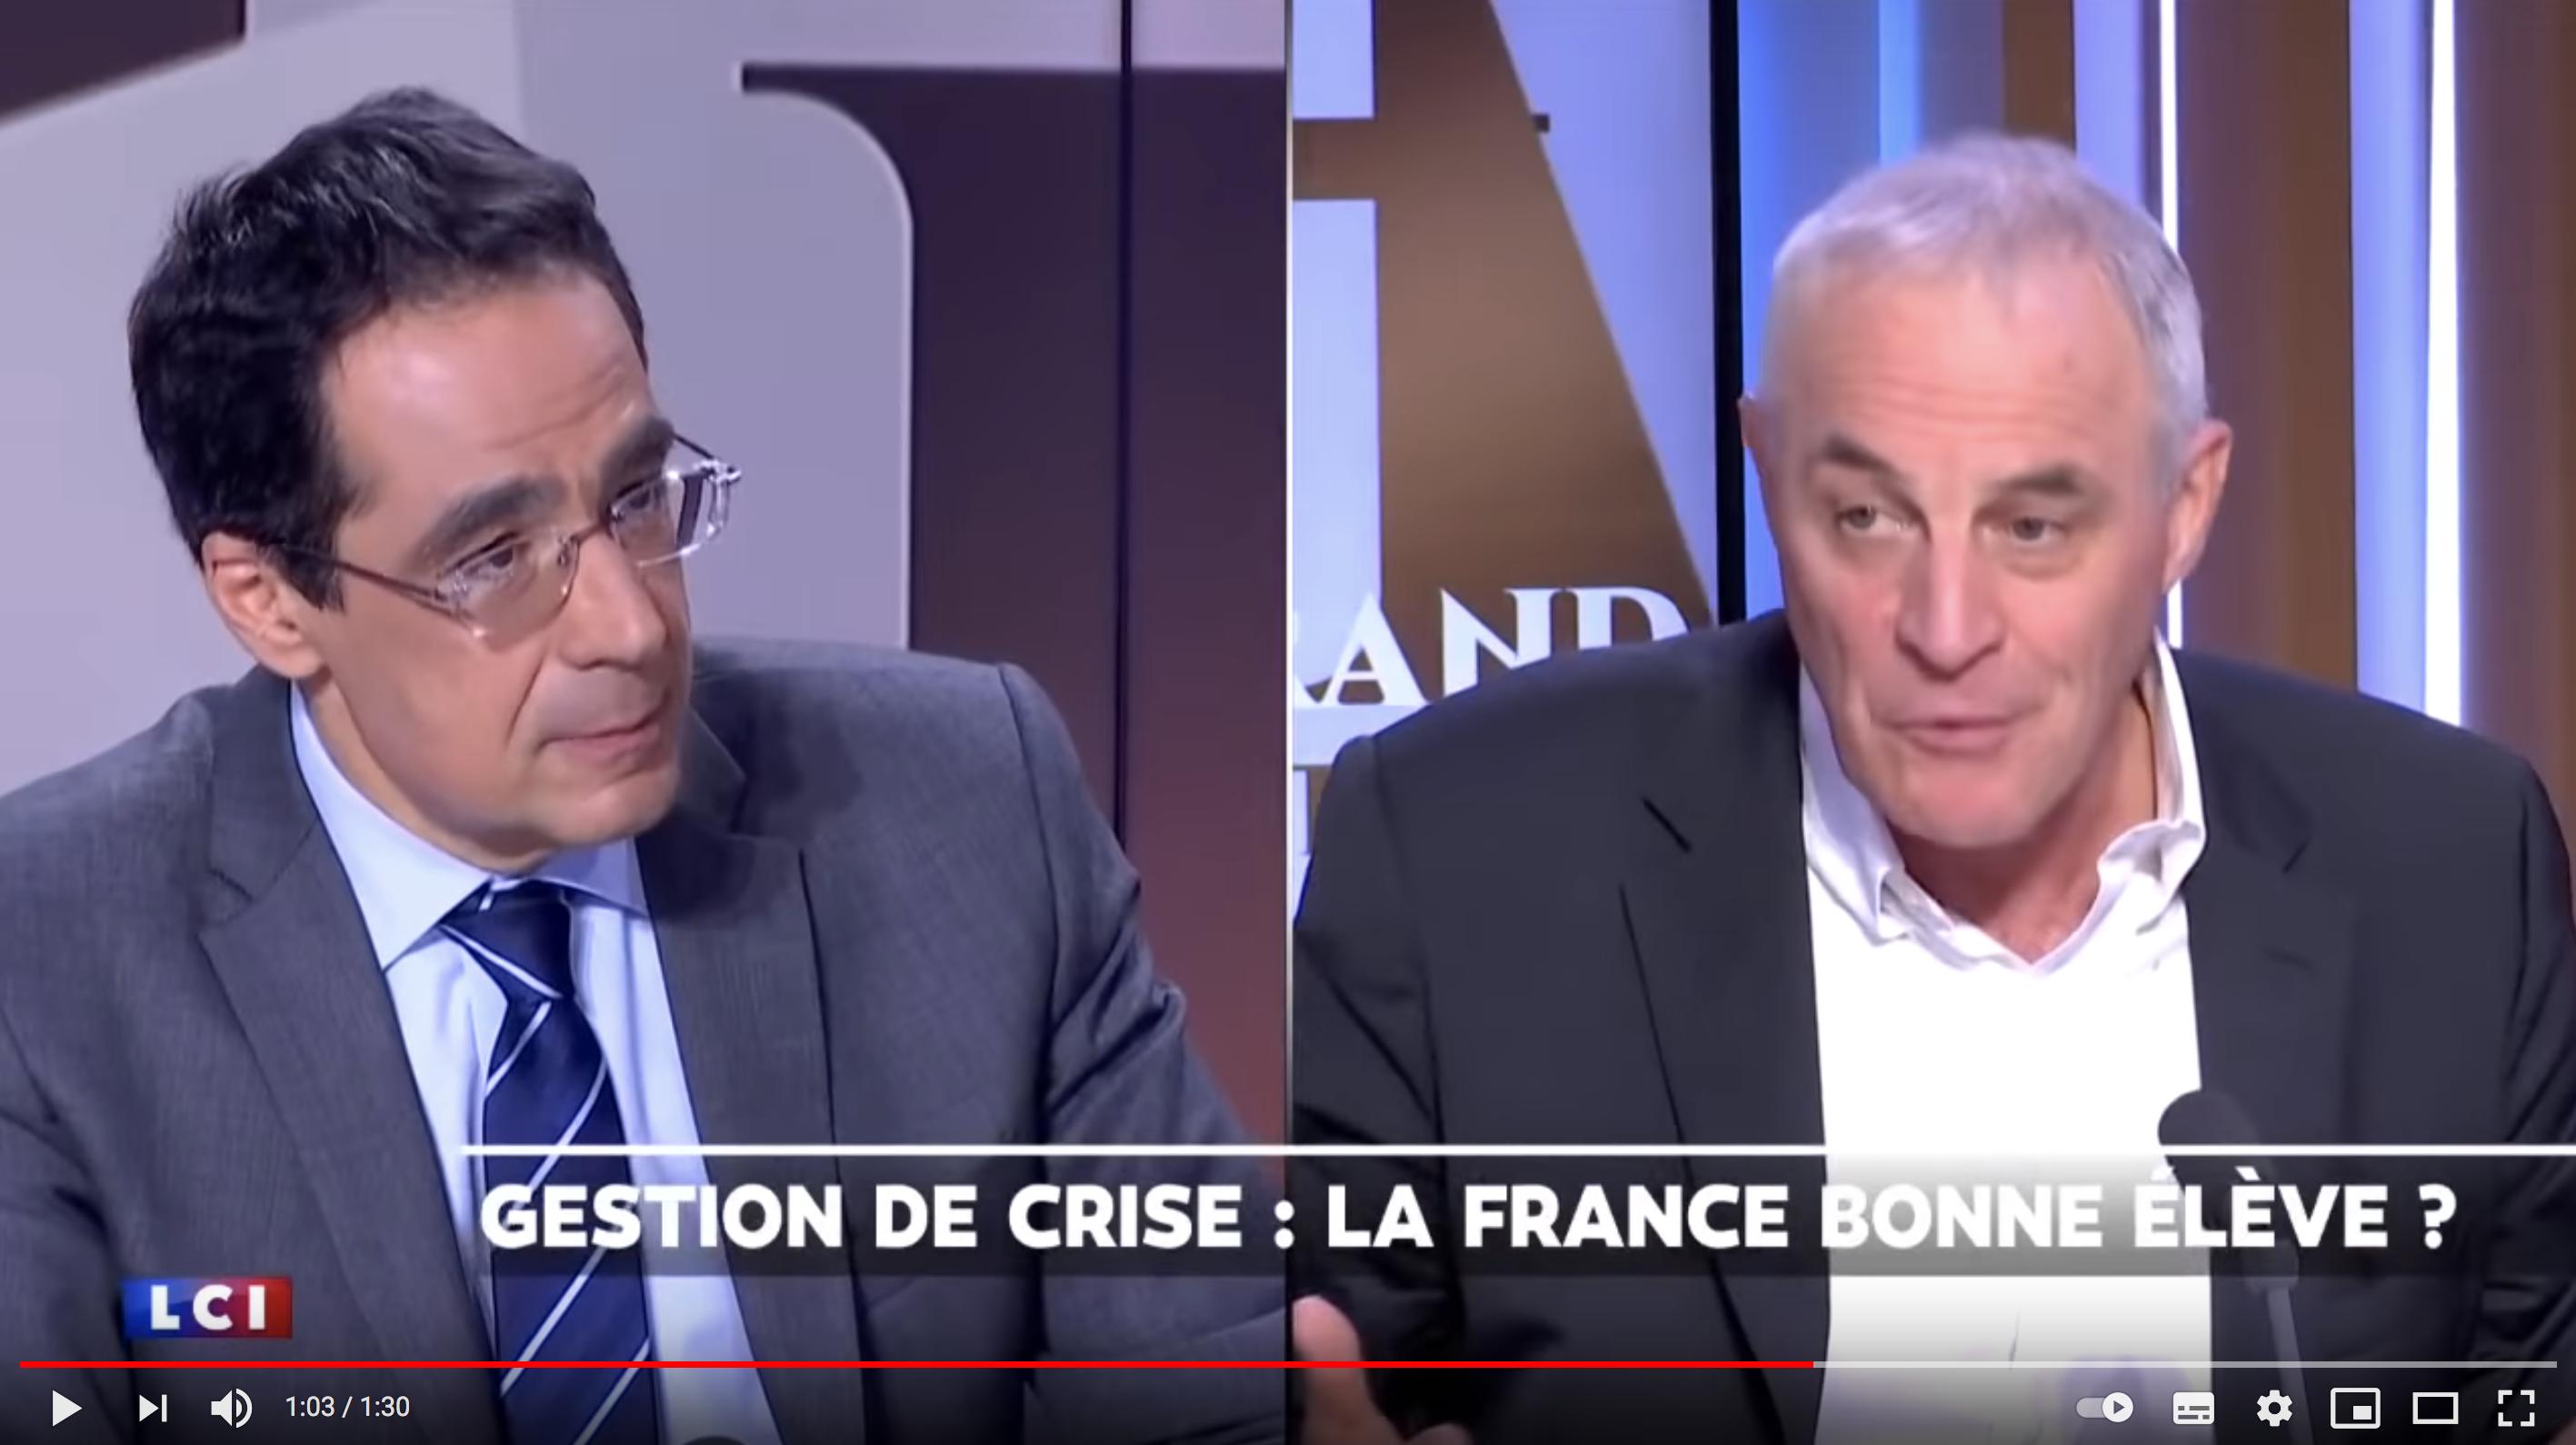 Pr Didier Pittet : « Le Pr Didier Raoult est un microbiologiste hors-pair ! » (VIDÉO)